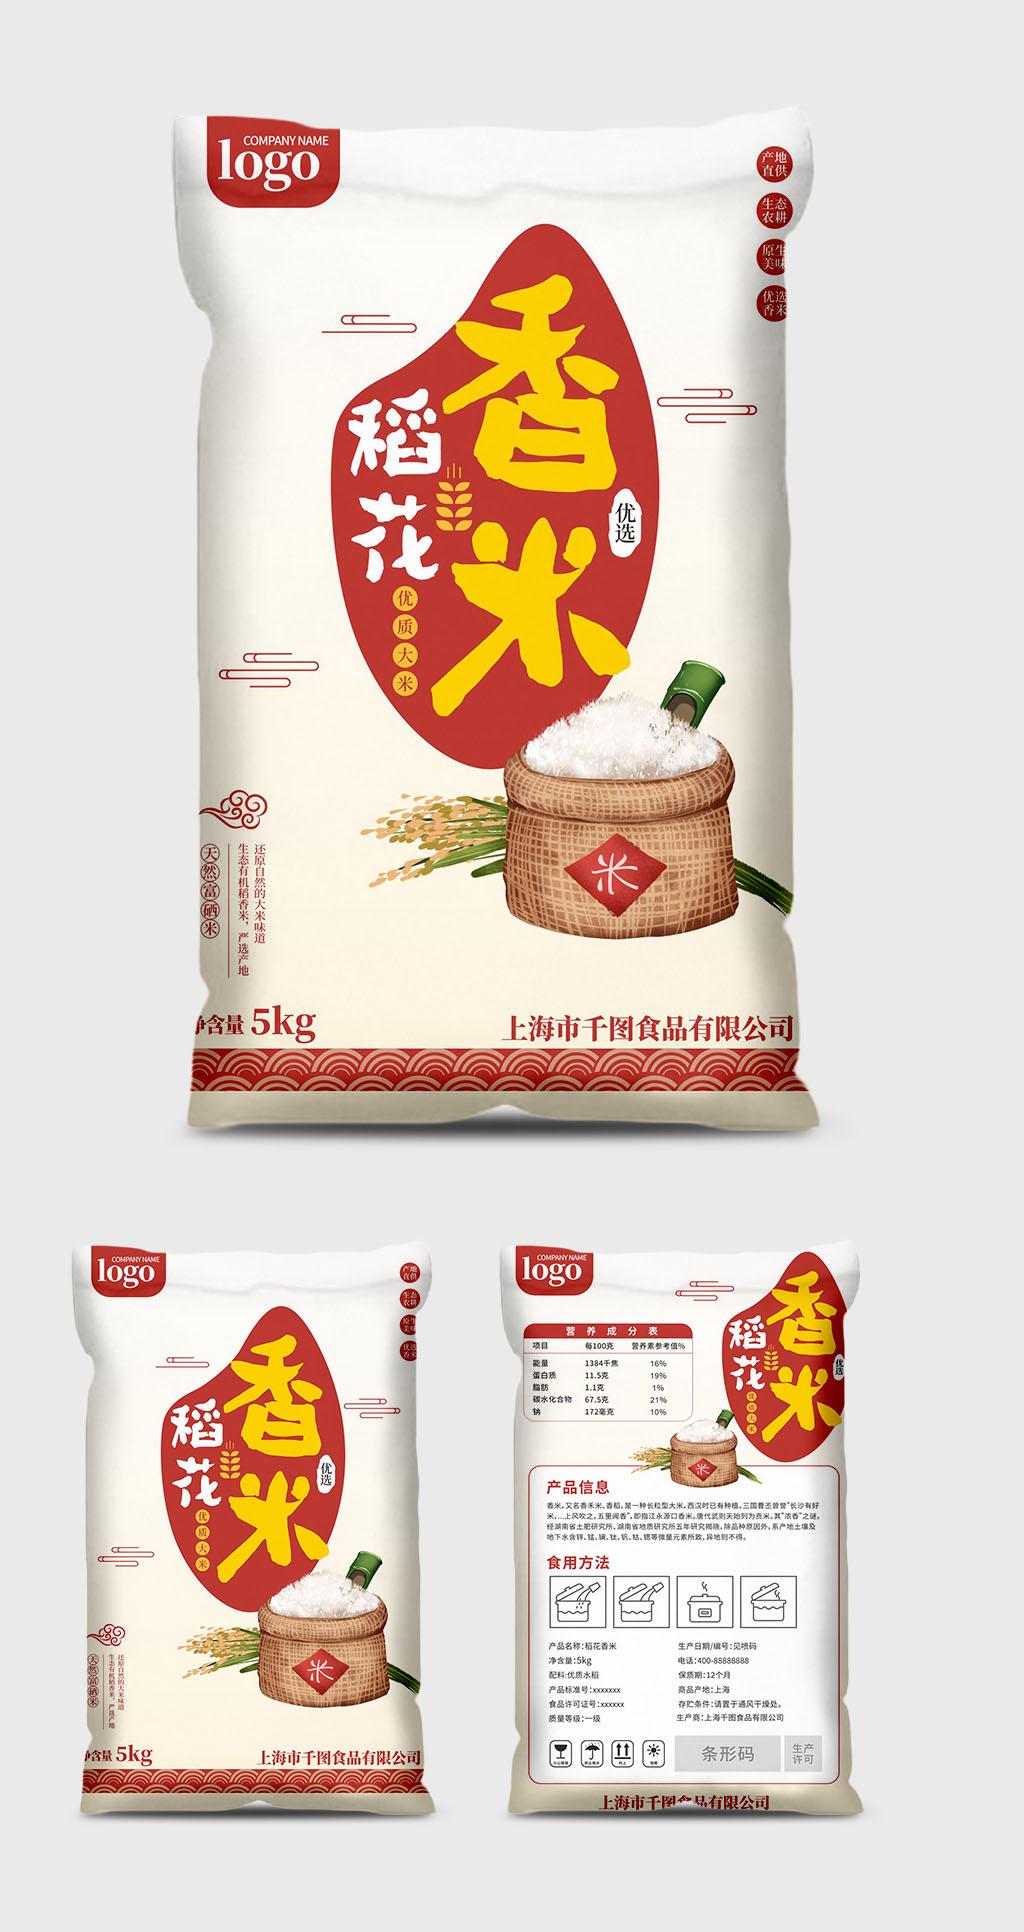 简约食品大米米袋包装设计源文件插图